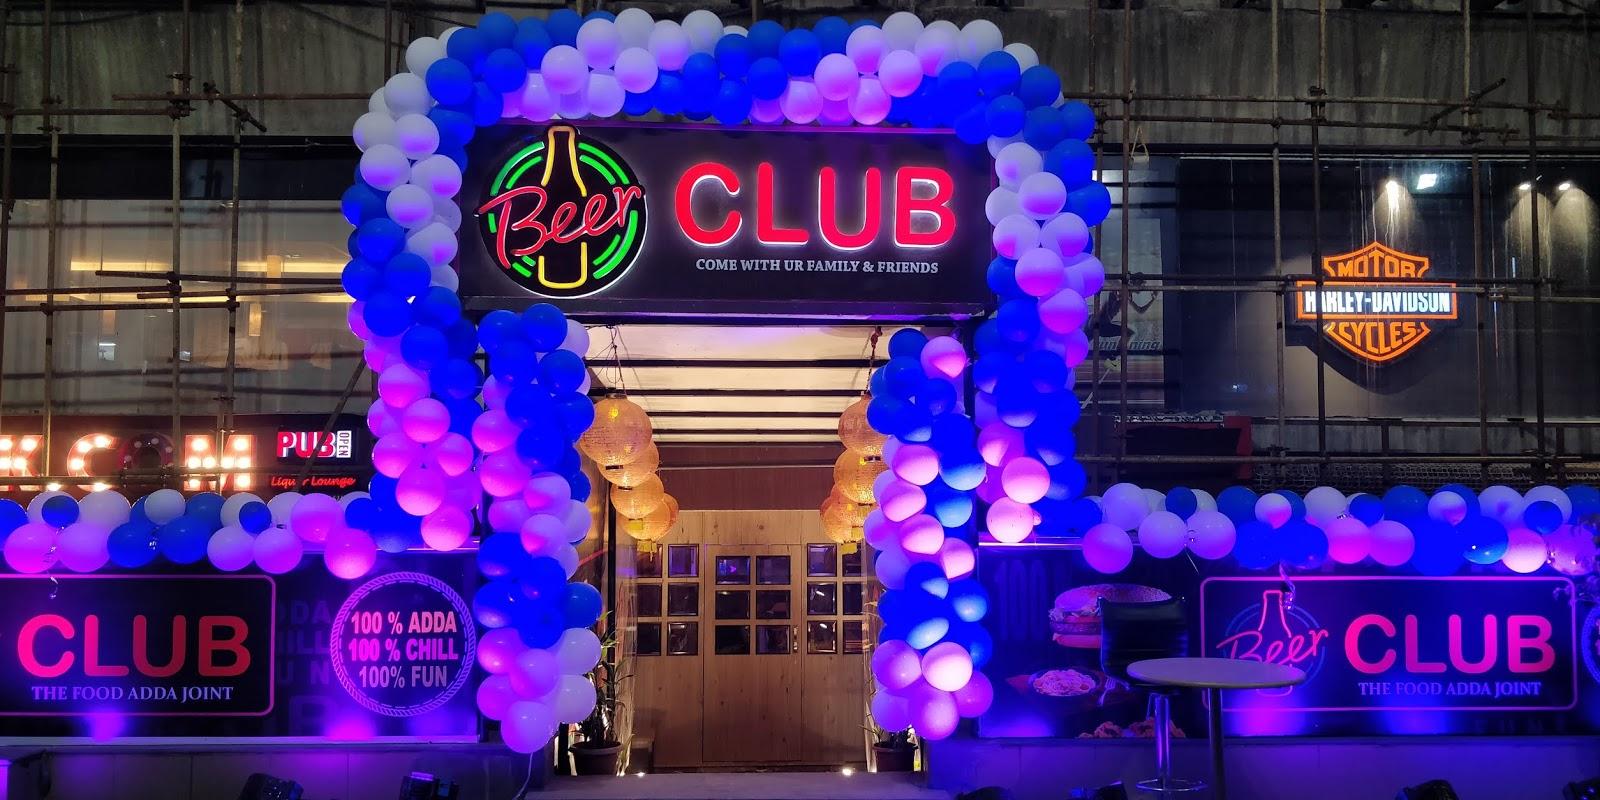 Dating Club in Siliguri christelijk daten voor Free Europe